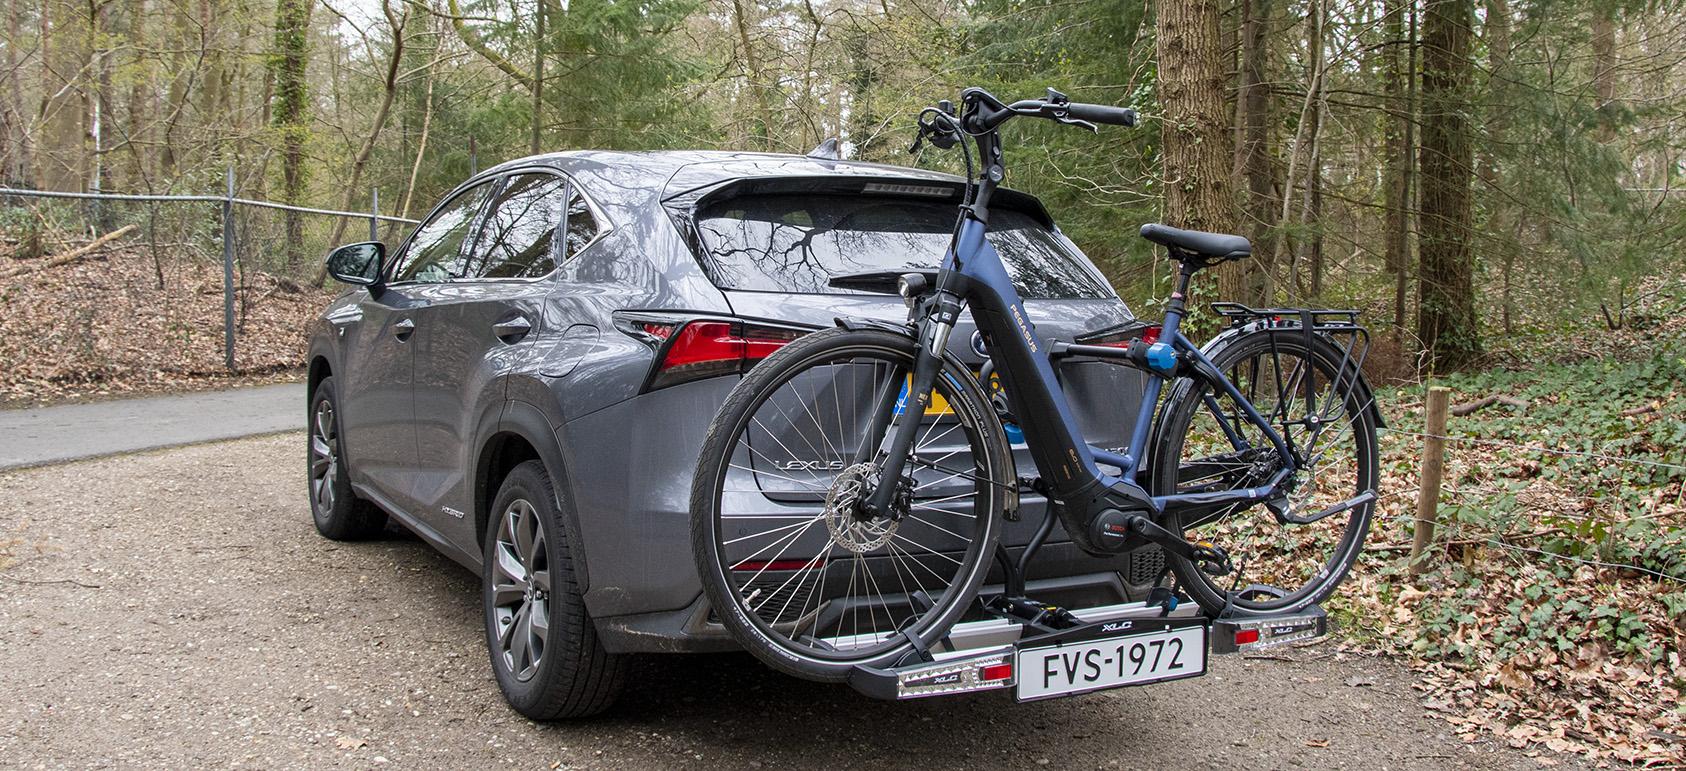 Waar moet je op letten bij het kopen van een fietsendrager?